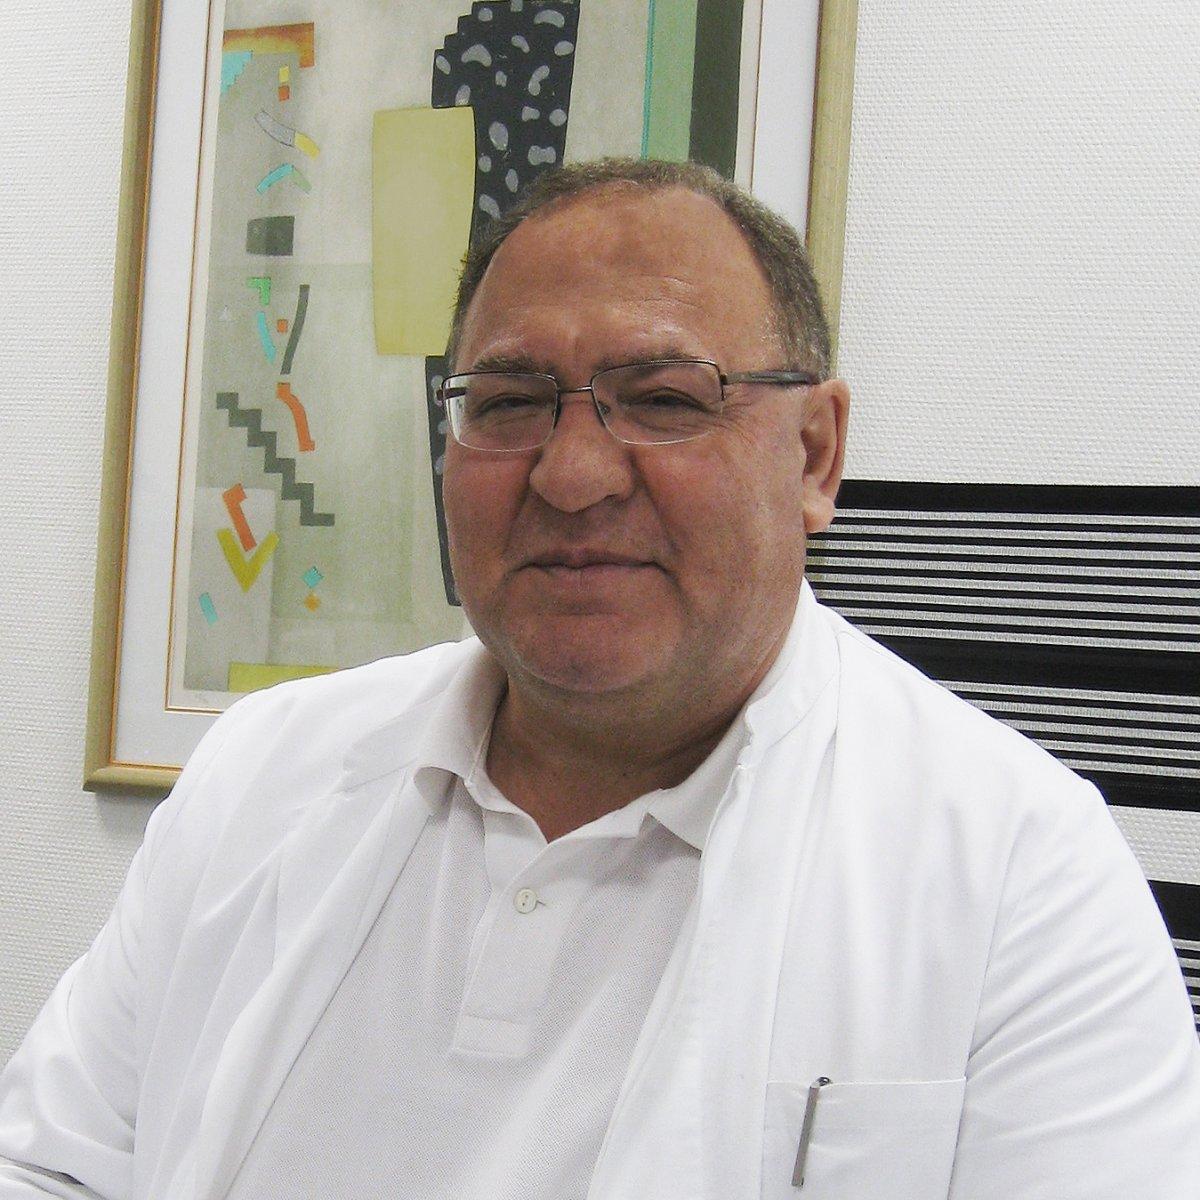 Dr Karaca Berlin